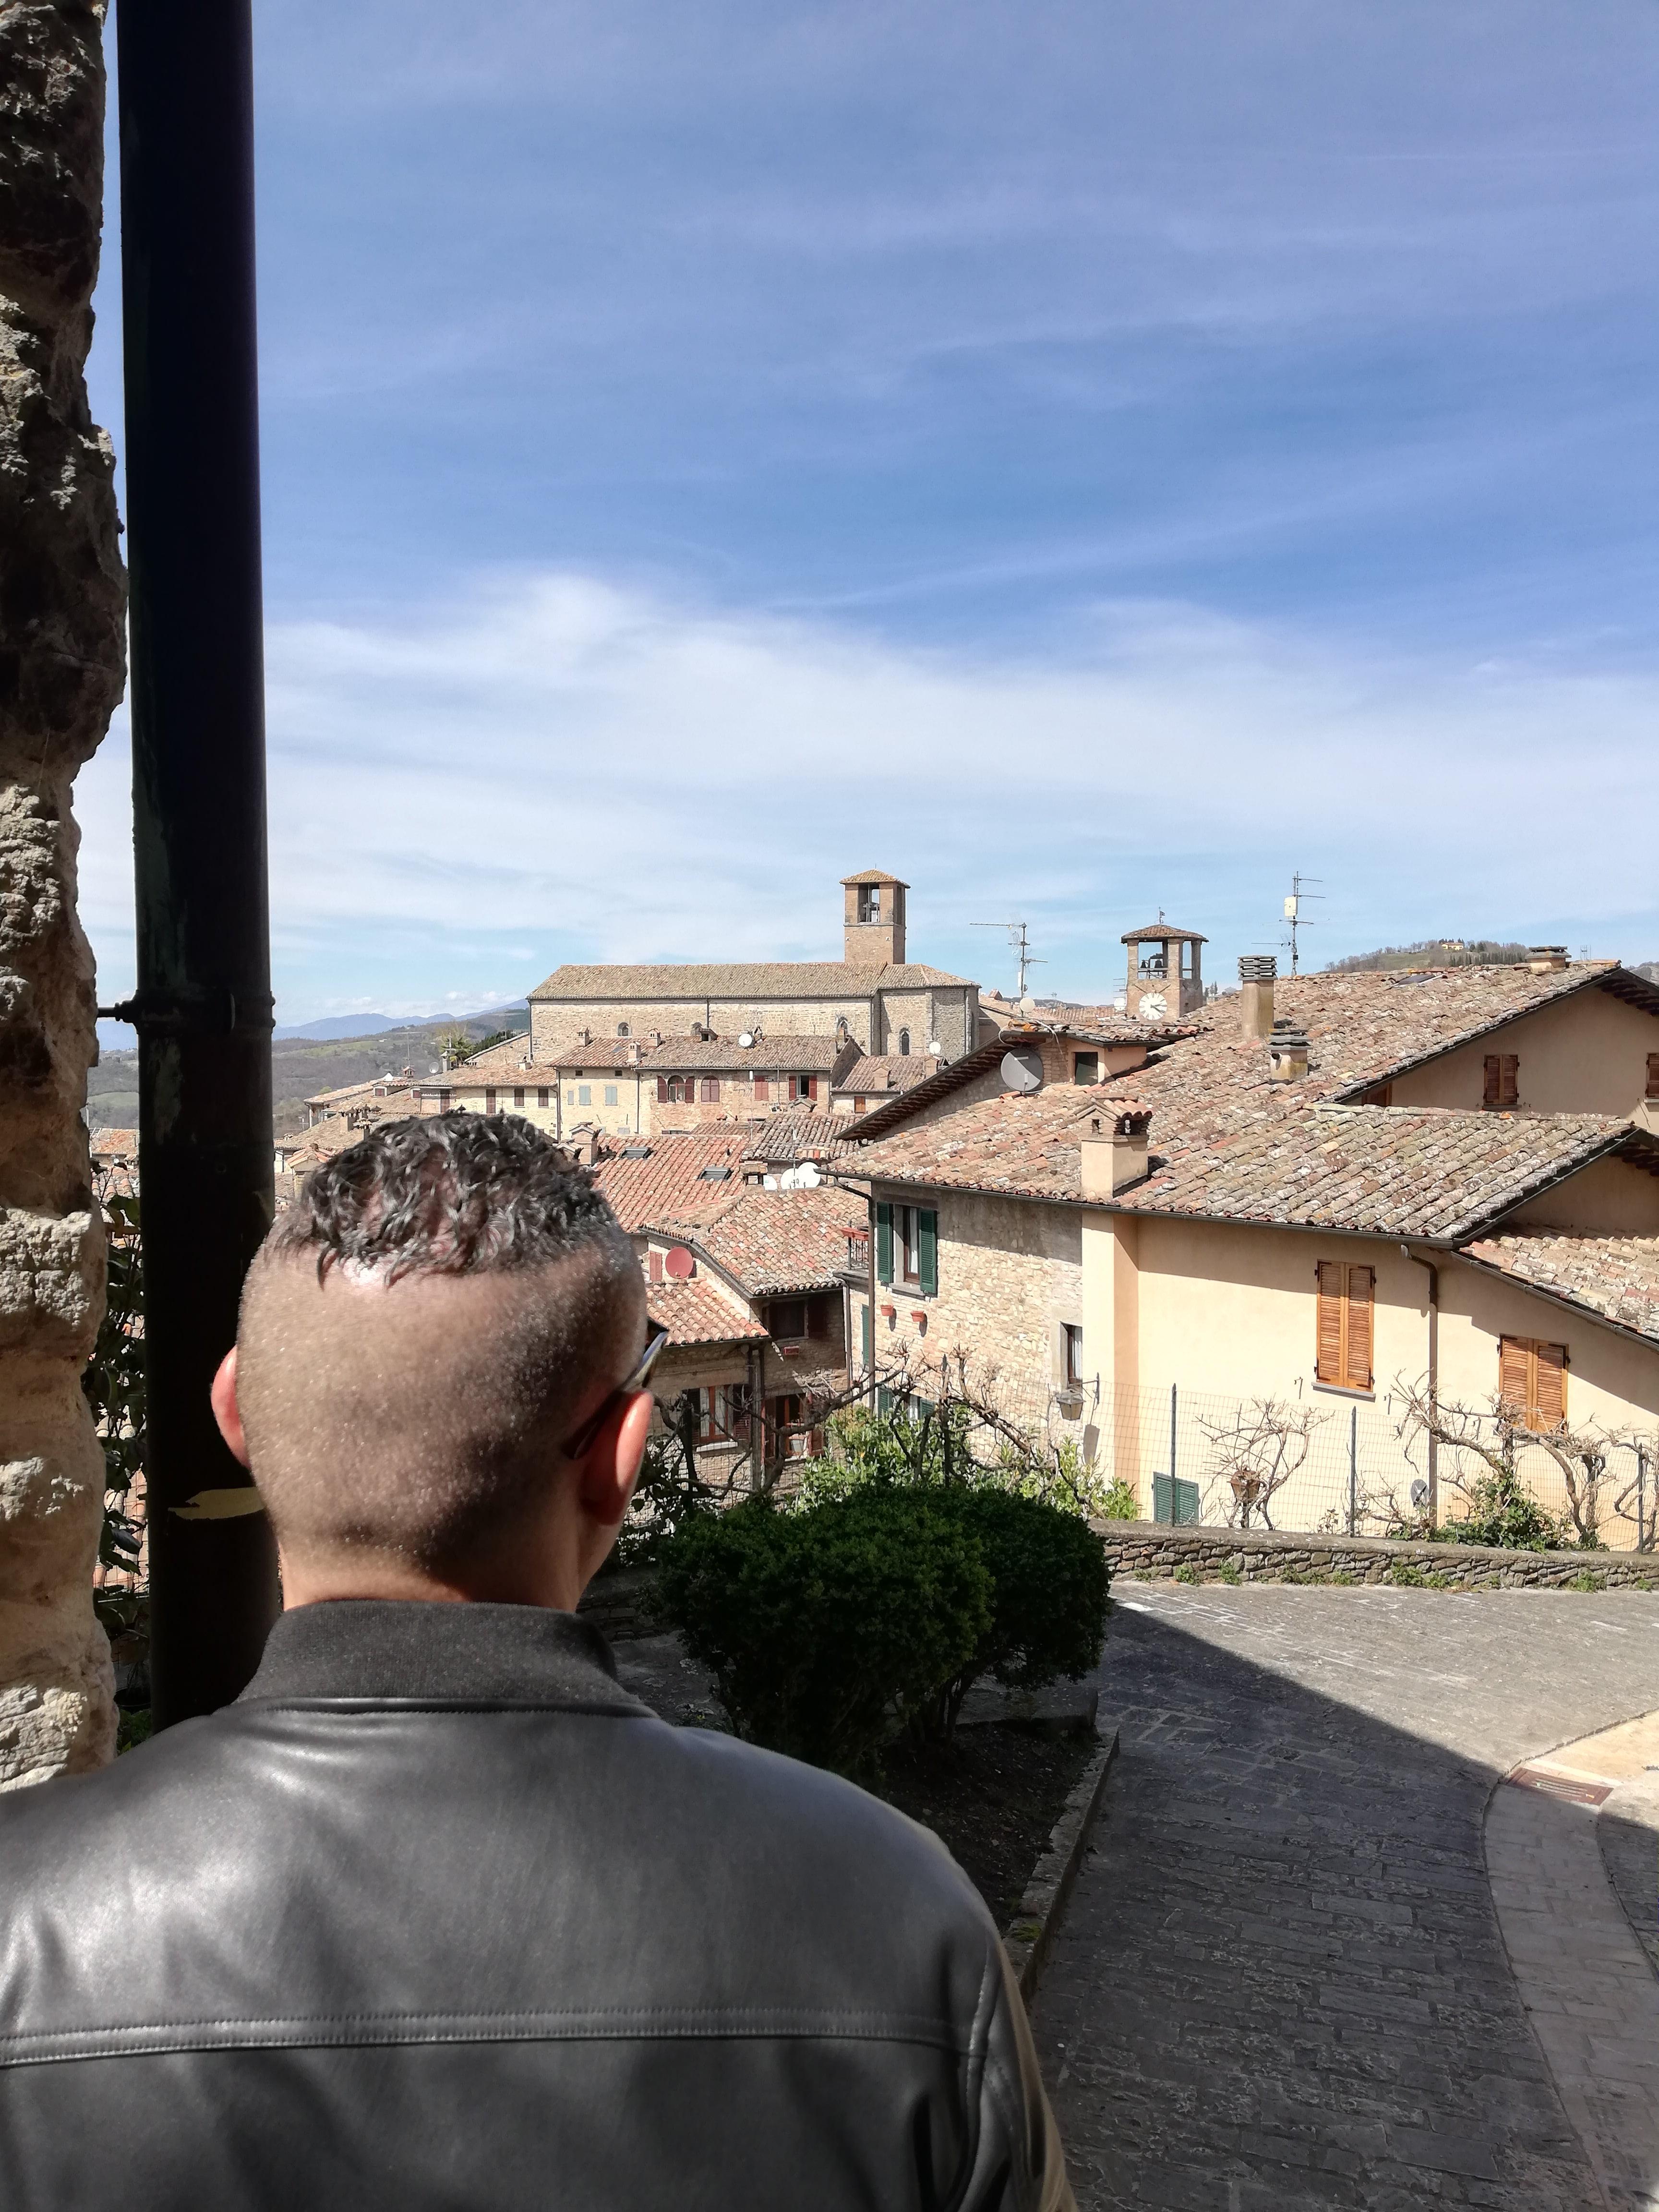 veduta di Montone, Umbria